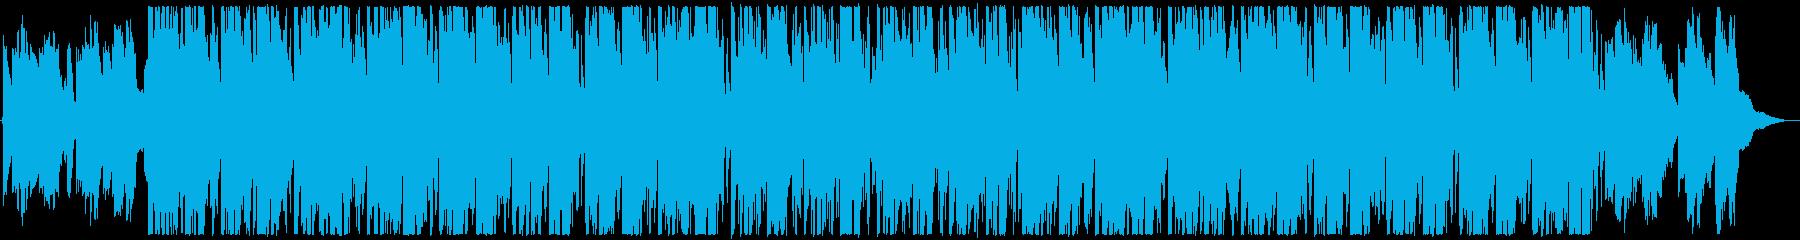 箏と尺八の荘厳な修行の和風曲の再生済みの波形